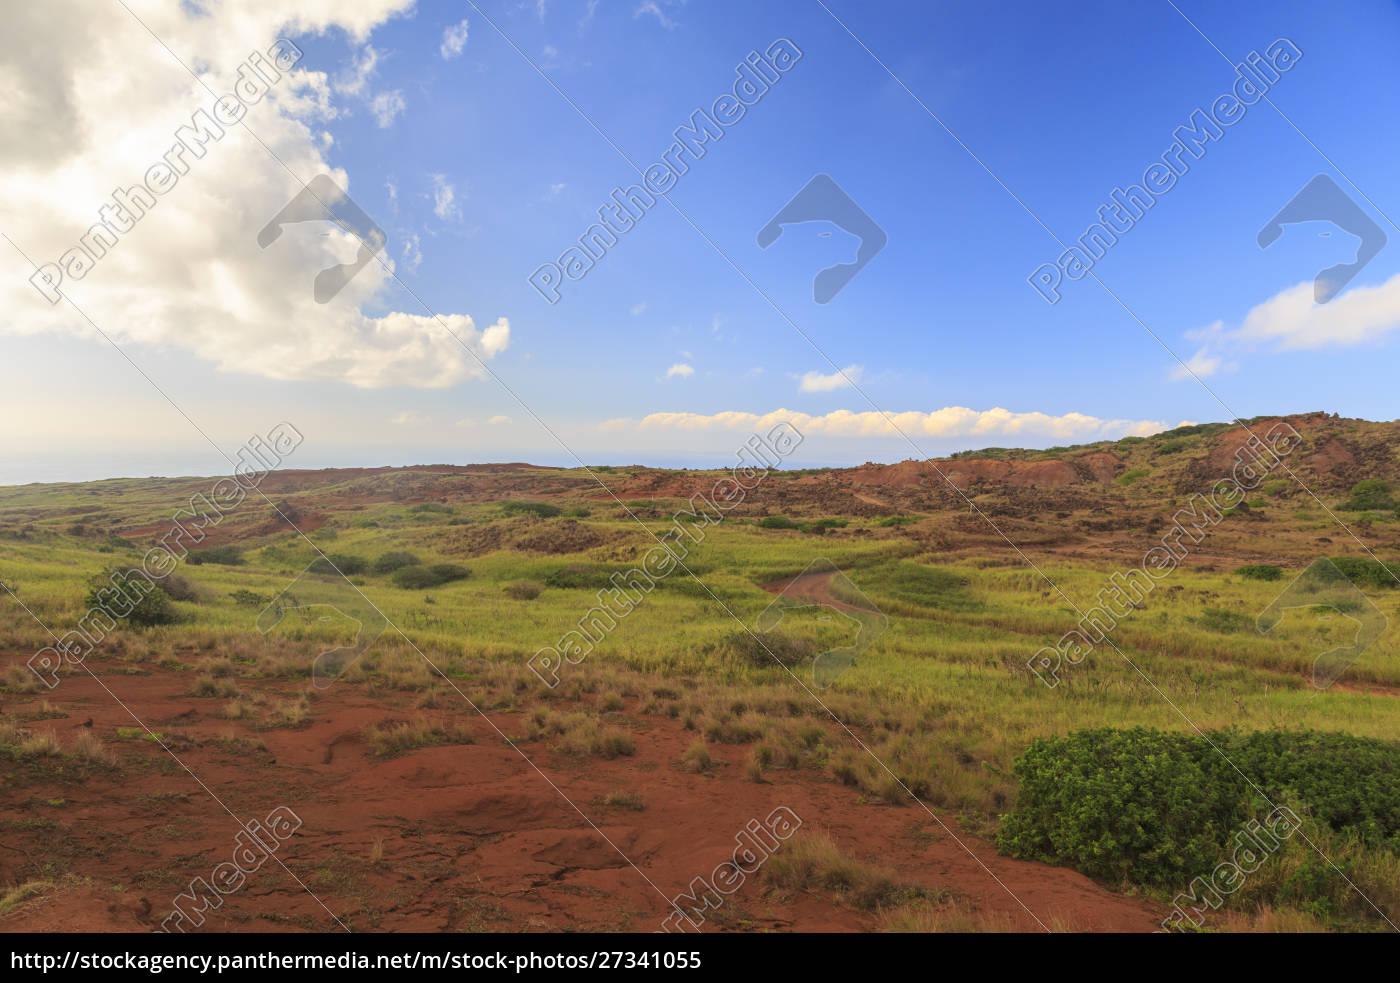 kaehiakawaelo, (jardim, dos, deuses), uma, paisagem, marciana - 27341055